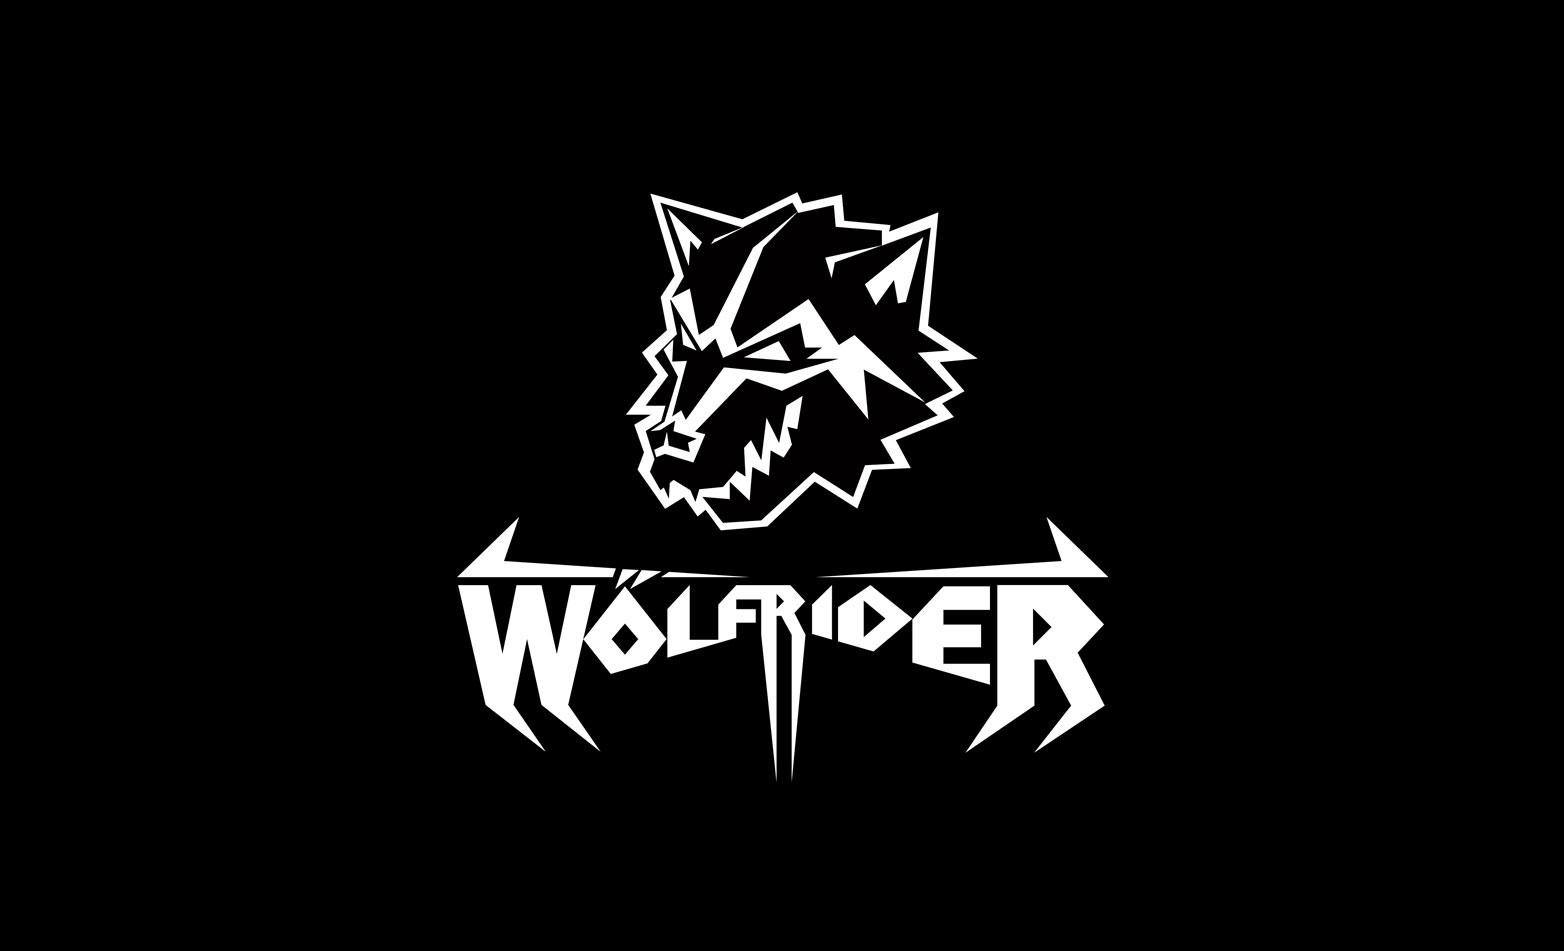 logo-wolfrider-wizualizacja-2-2014